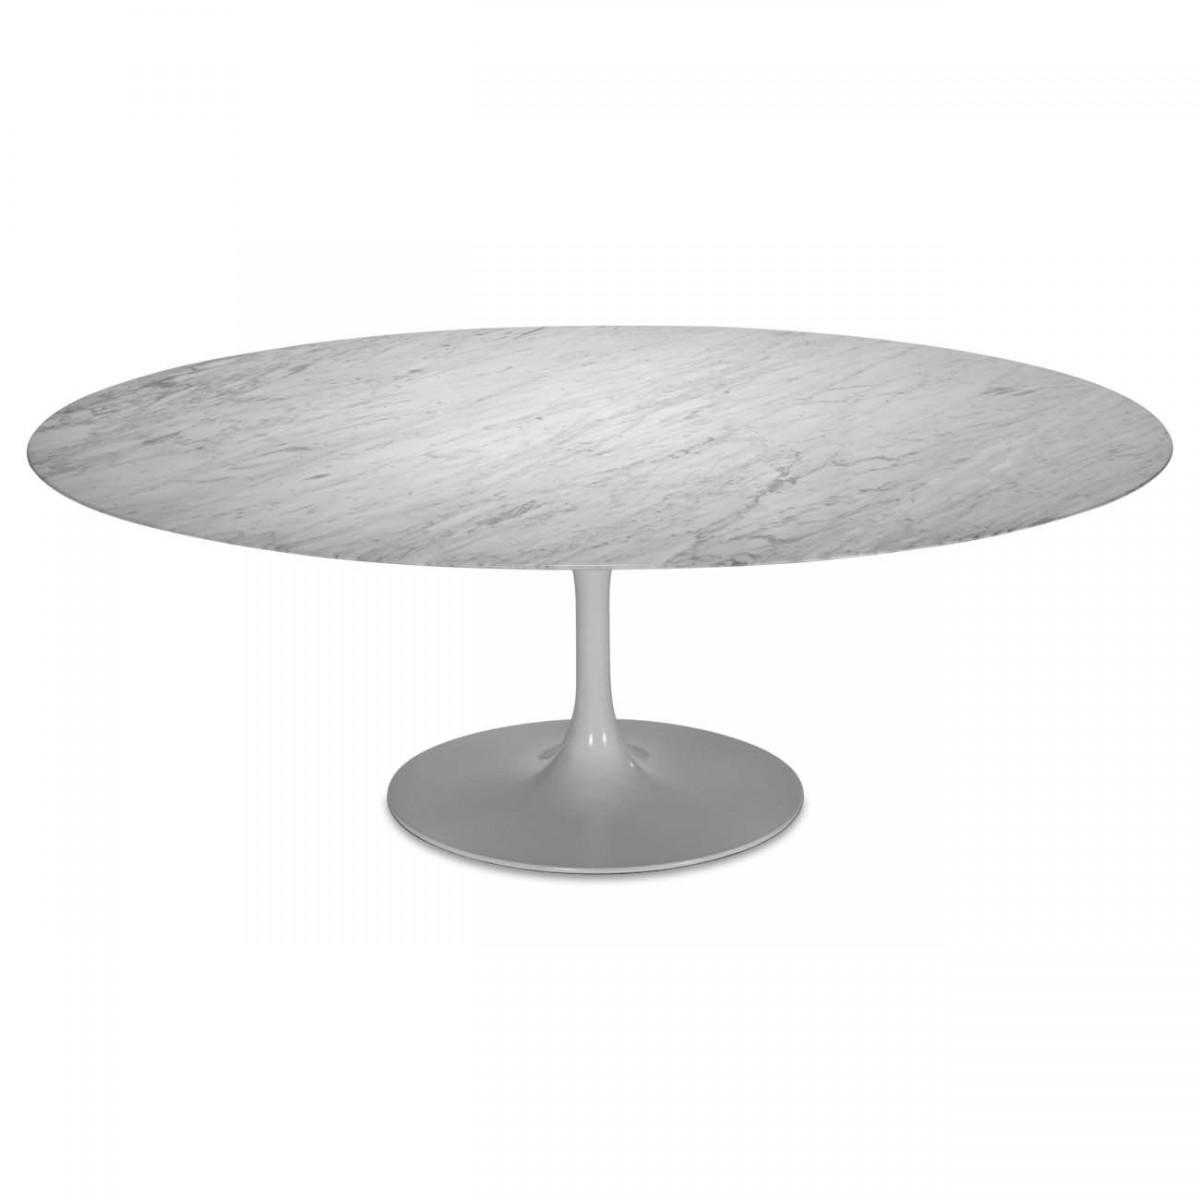 Dining table eero saarinen oval dining table - Oval saarinen dining table ...